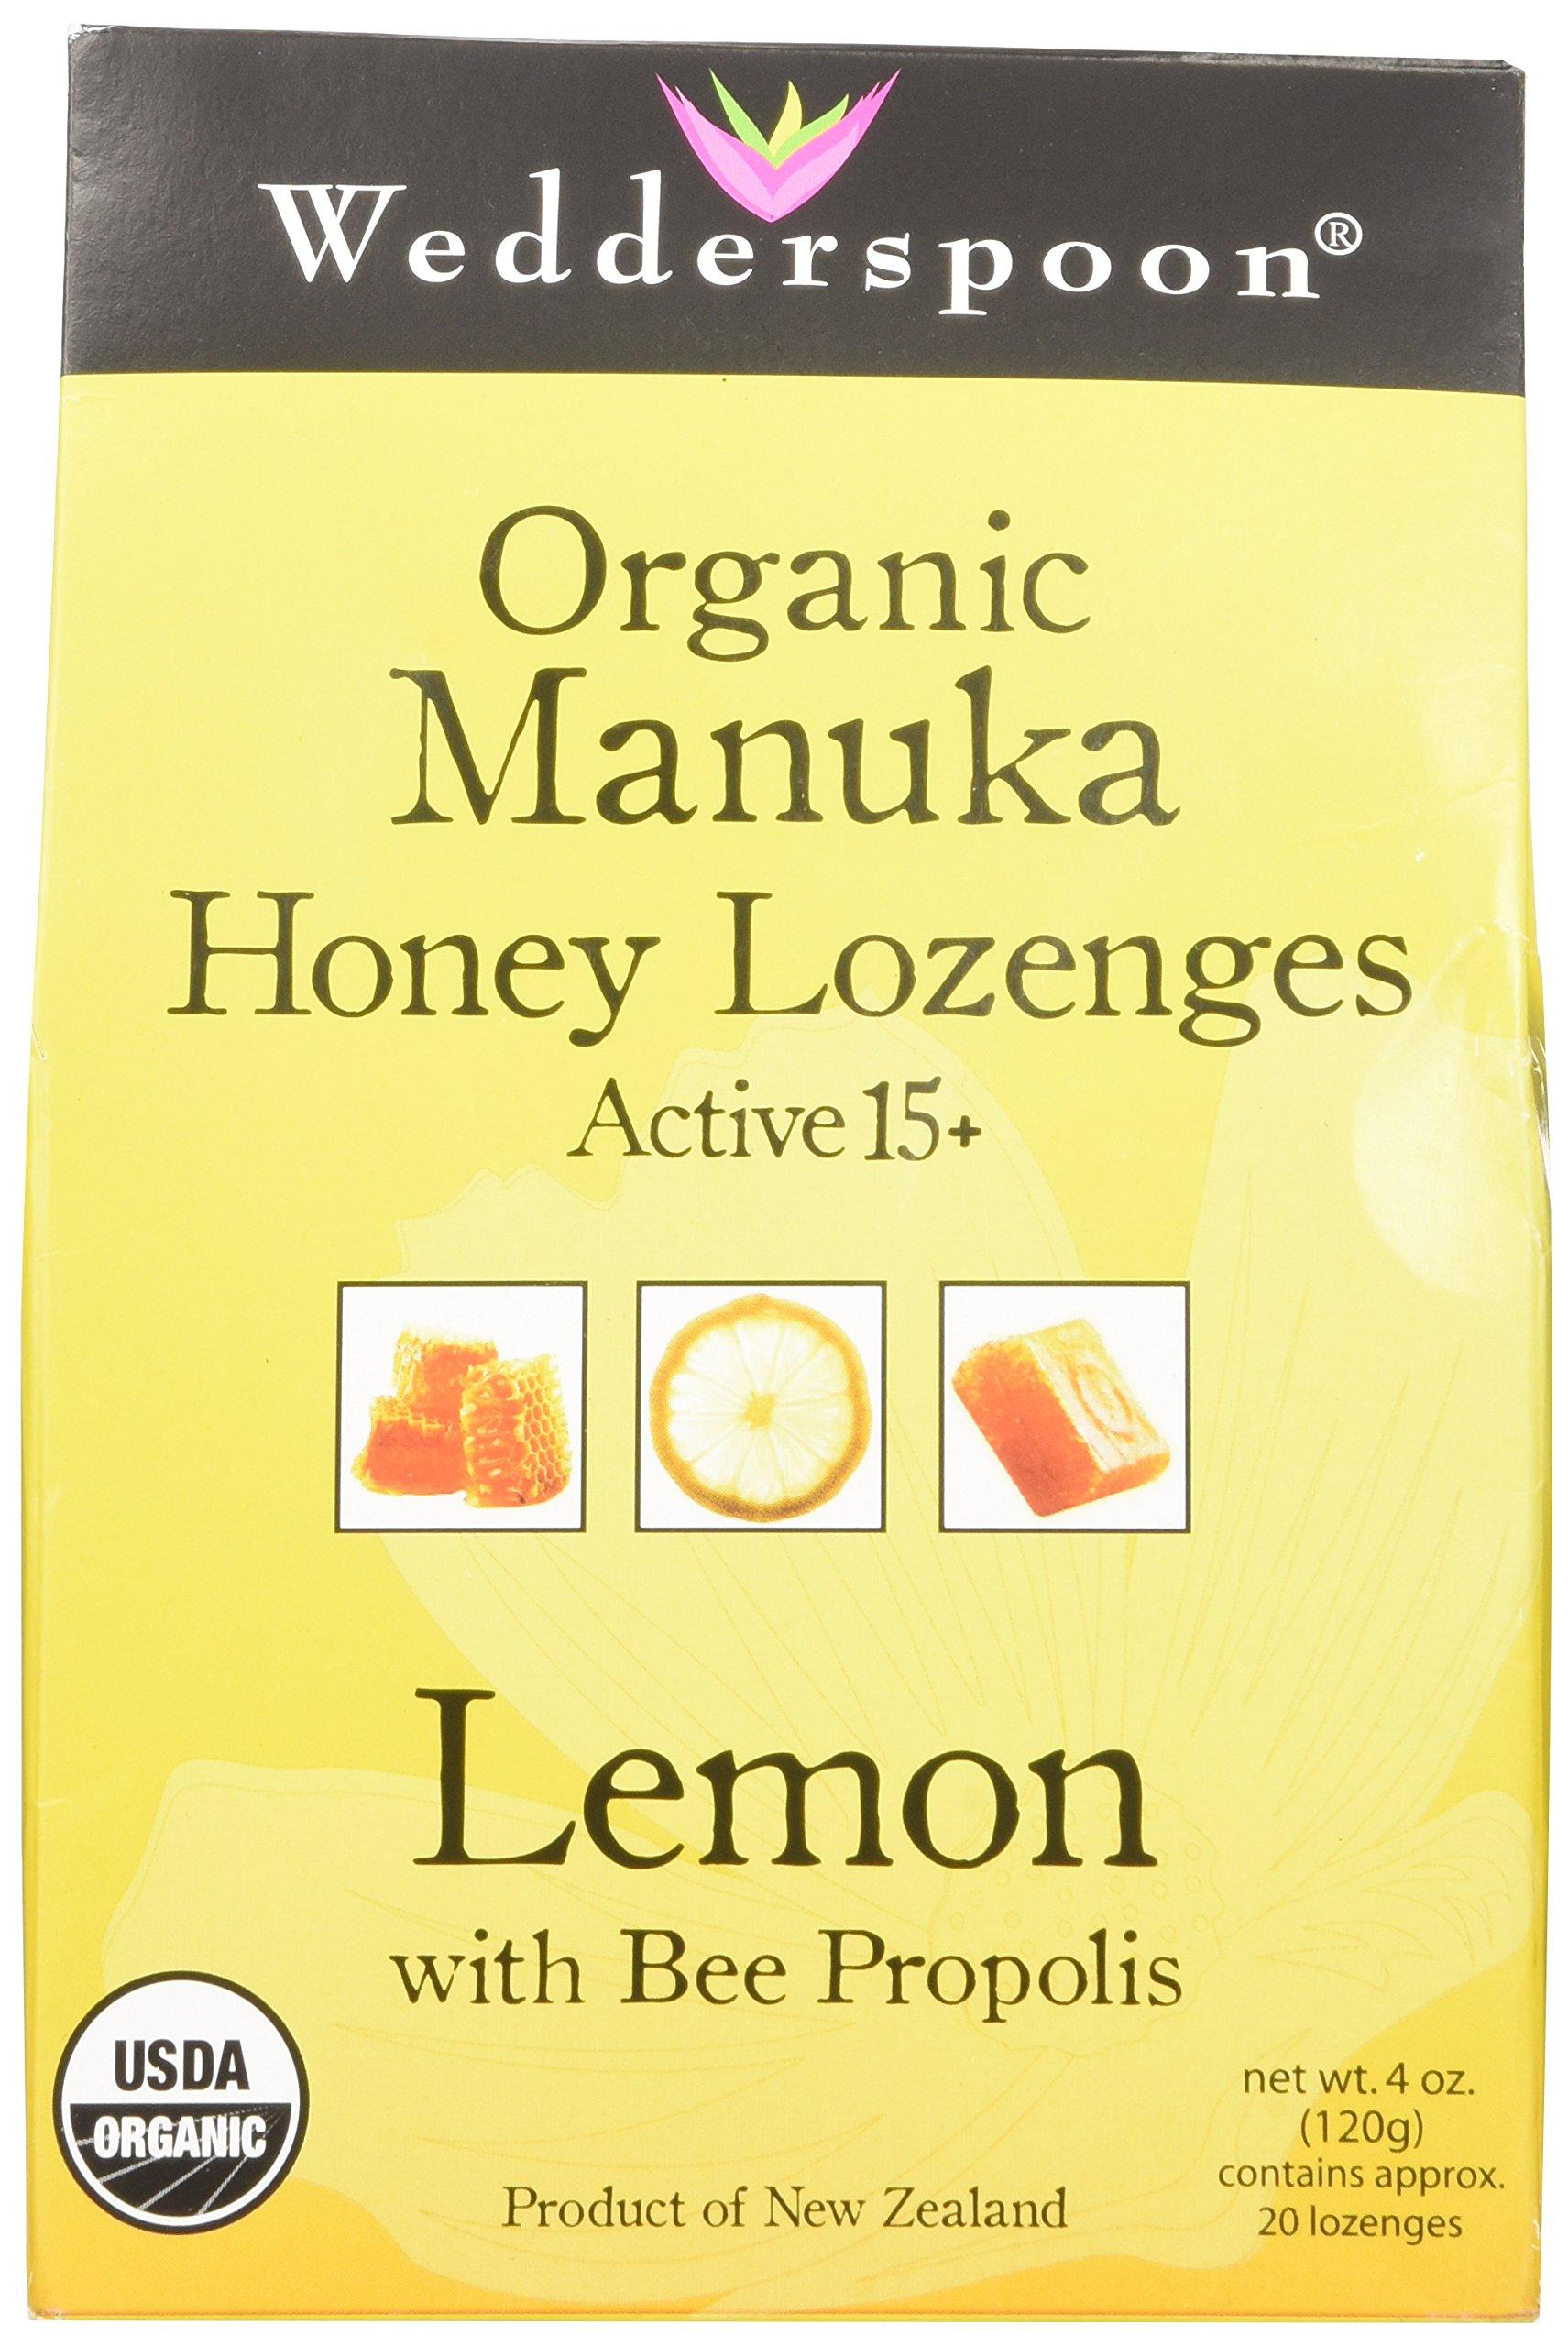 Wedderspoon Organic Manuka Honey Lozenges with Lemon and Bee Propolis, 4 Ounce by Wedderspoon